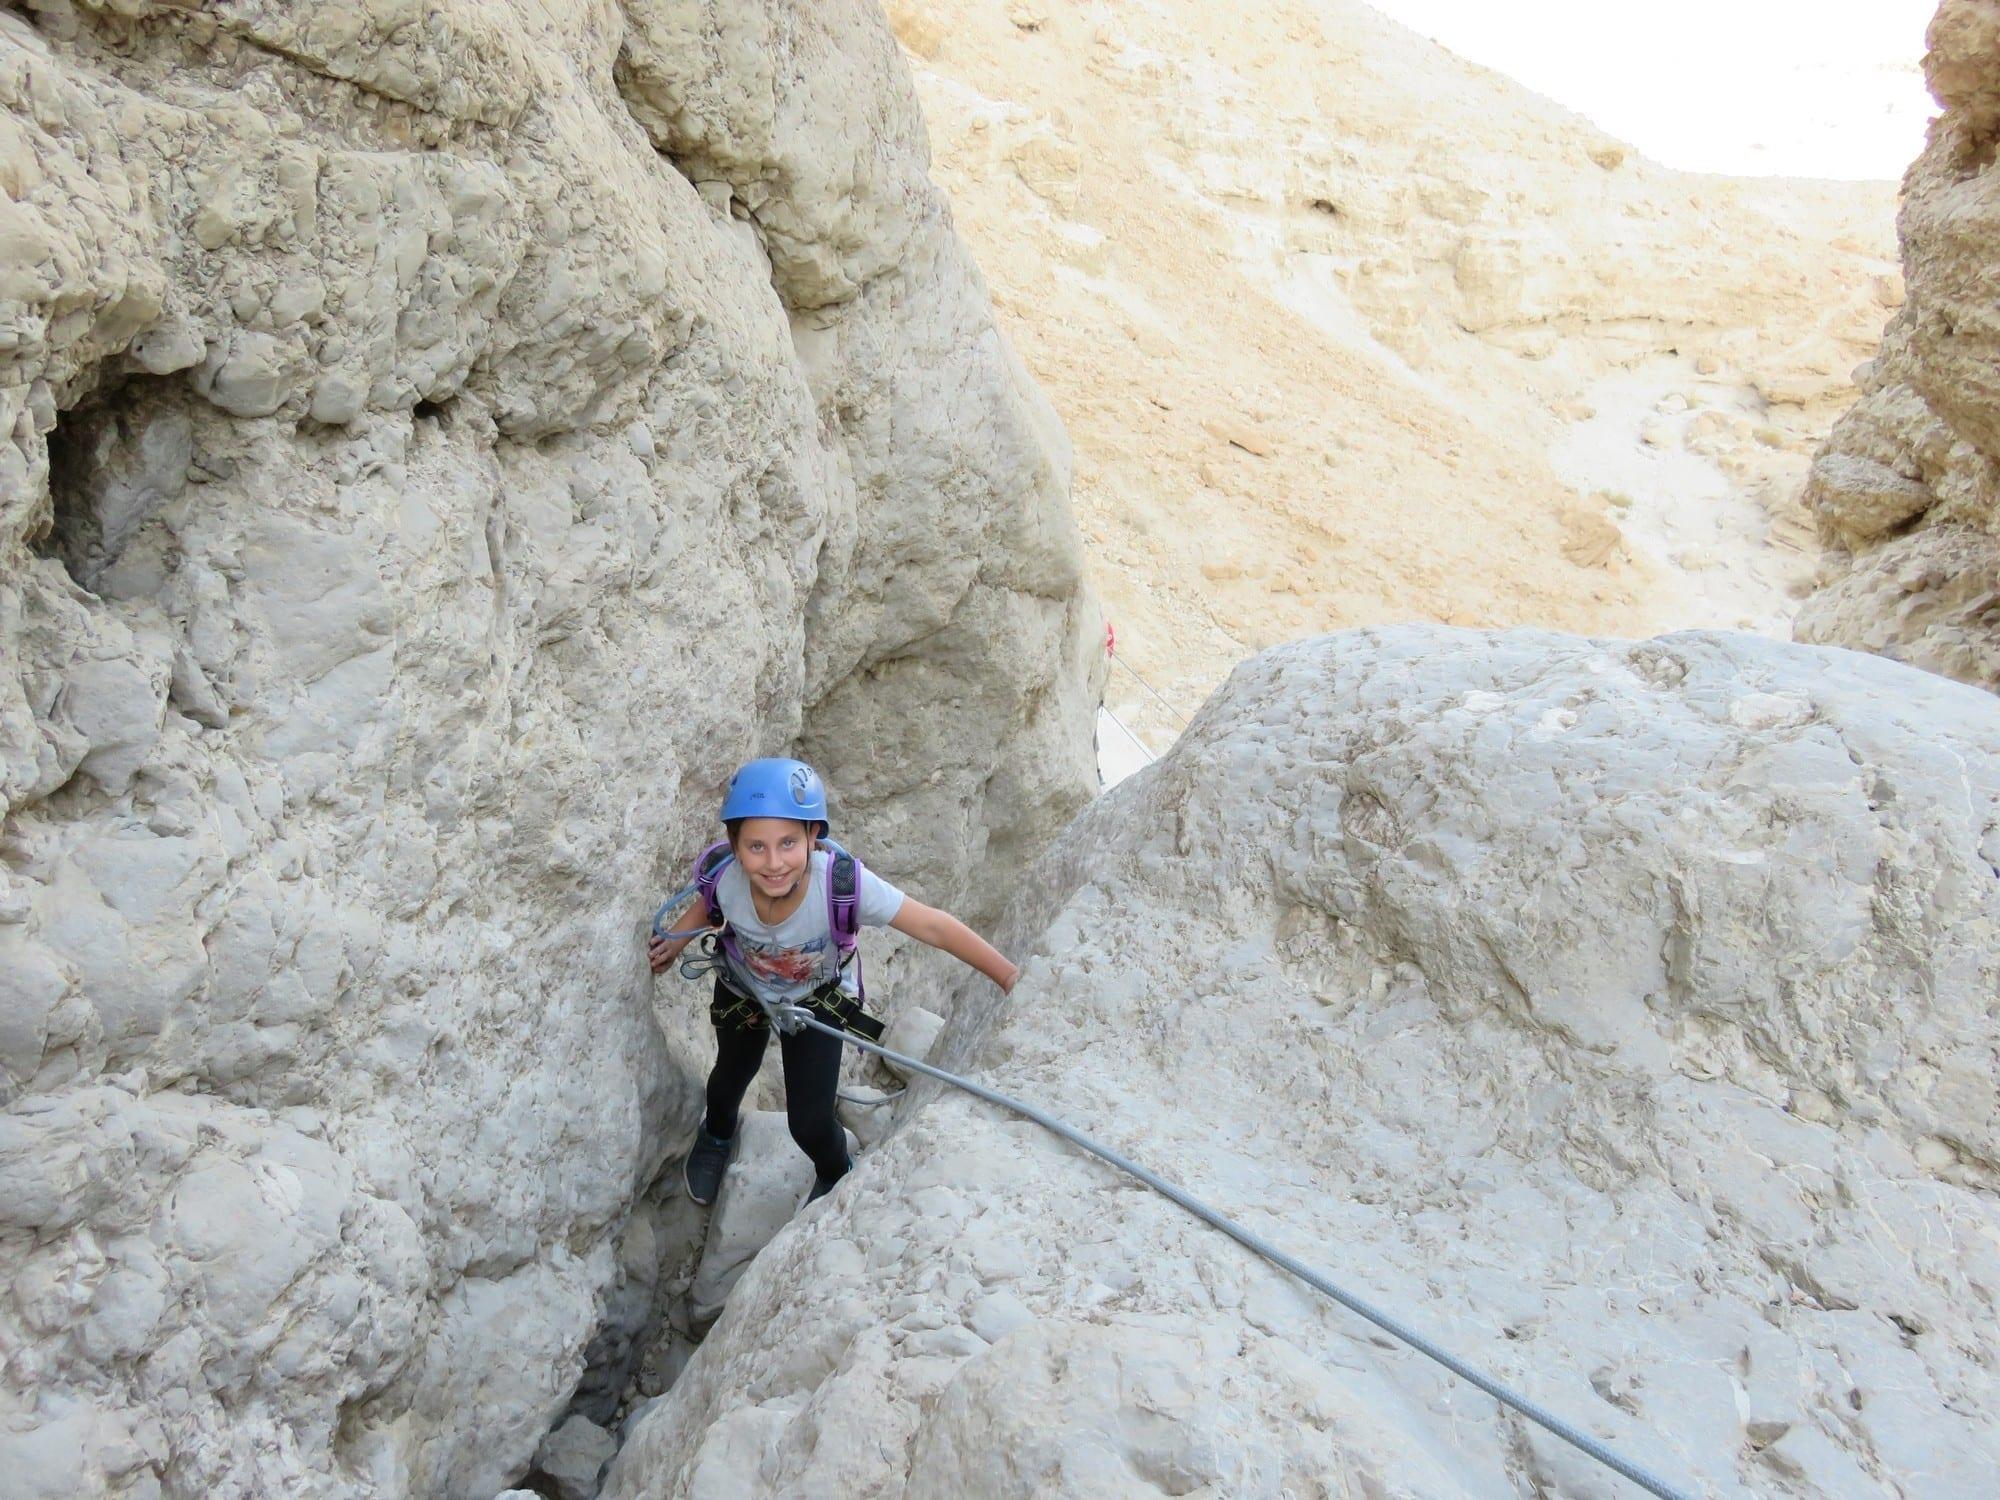 טיול סנפלינג למשפחות - נחל טור תחתון - ערוצים בטבע